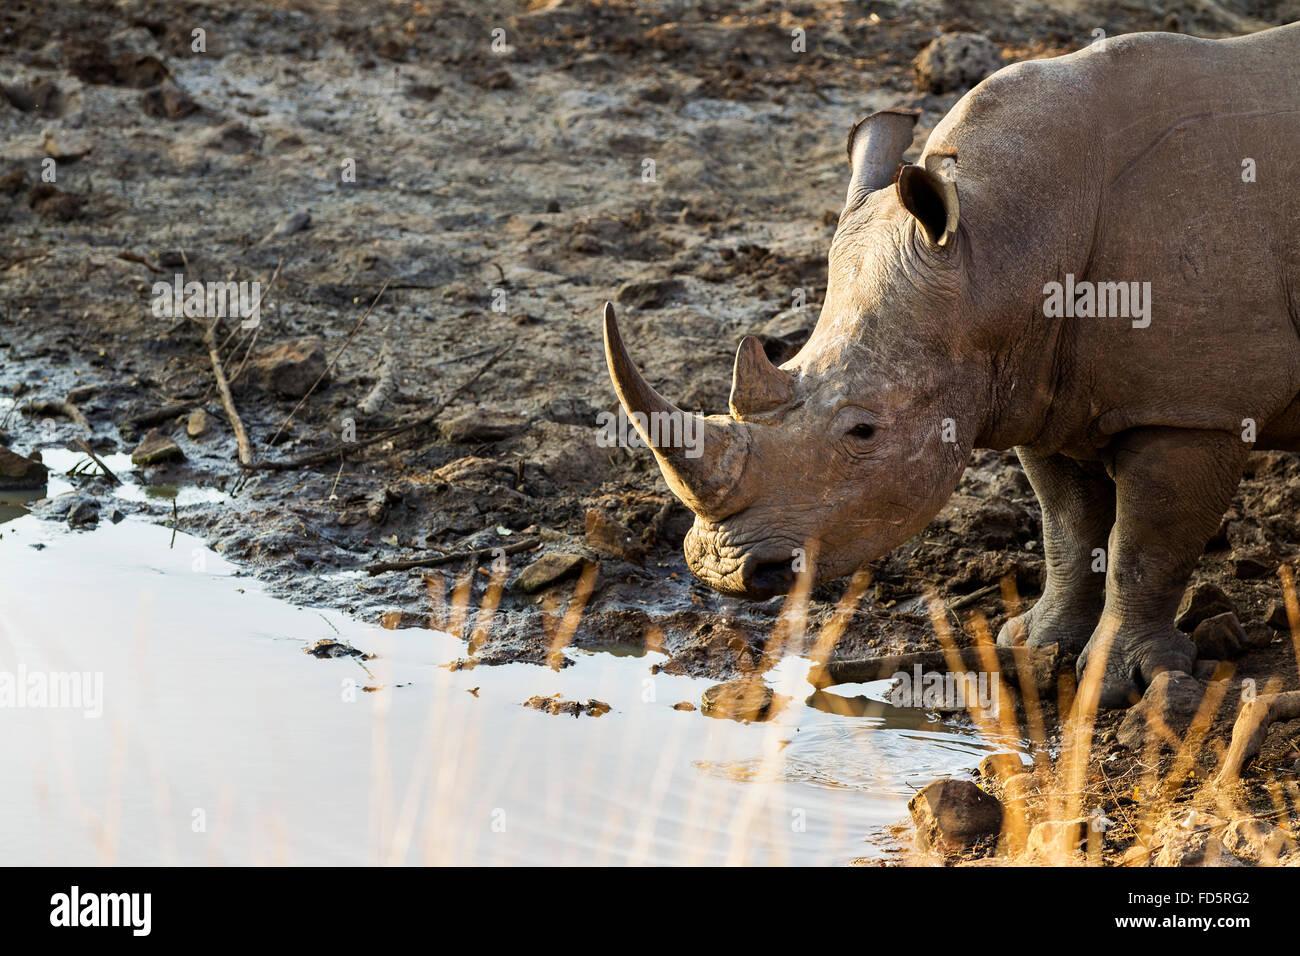 Un rhinocéros blanc sur le point de prendre un verre Photo Stock